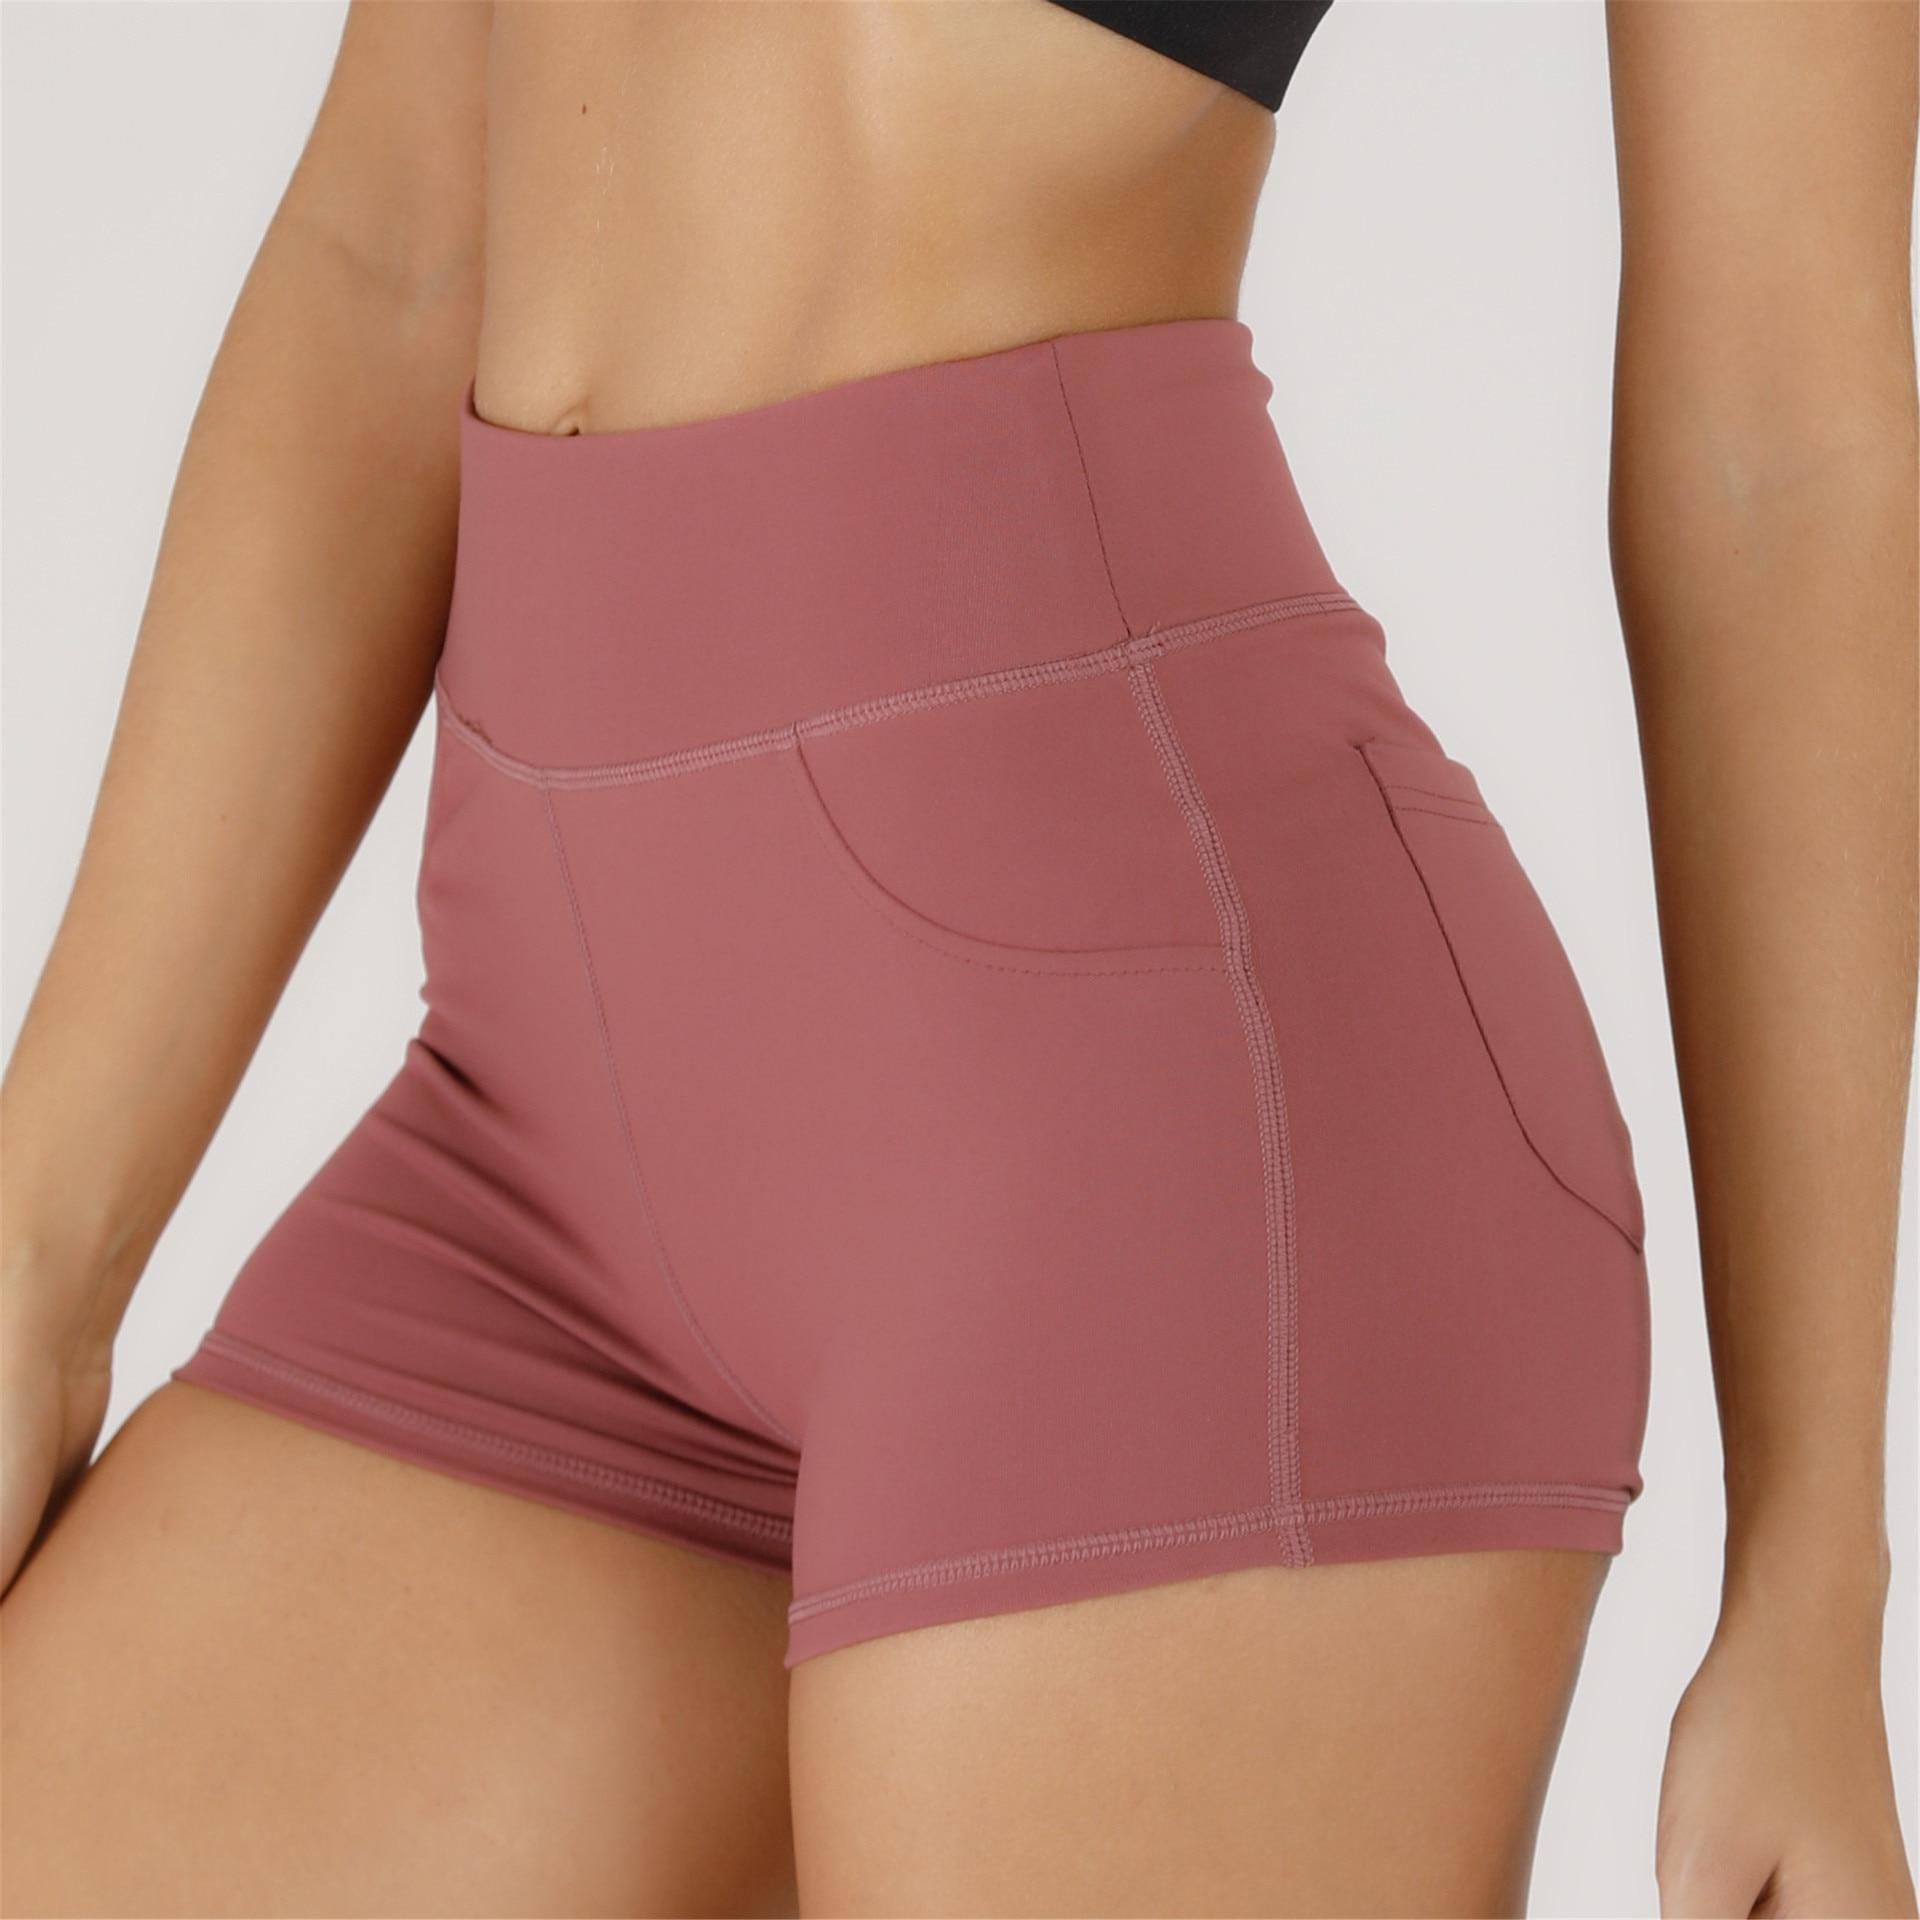 SMDPPWDBB High Waist Workout Shorts Vital Seamless Fitness Yoga Short Scrunch Butt Yoga Shorts Sport